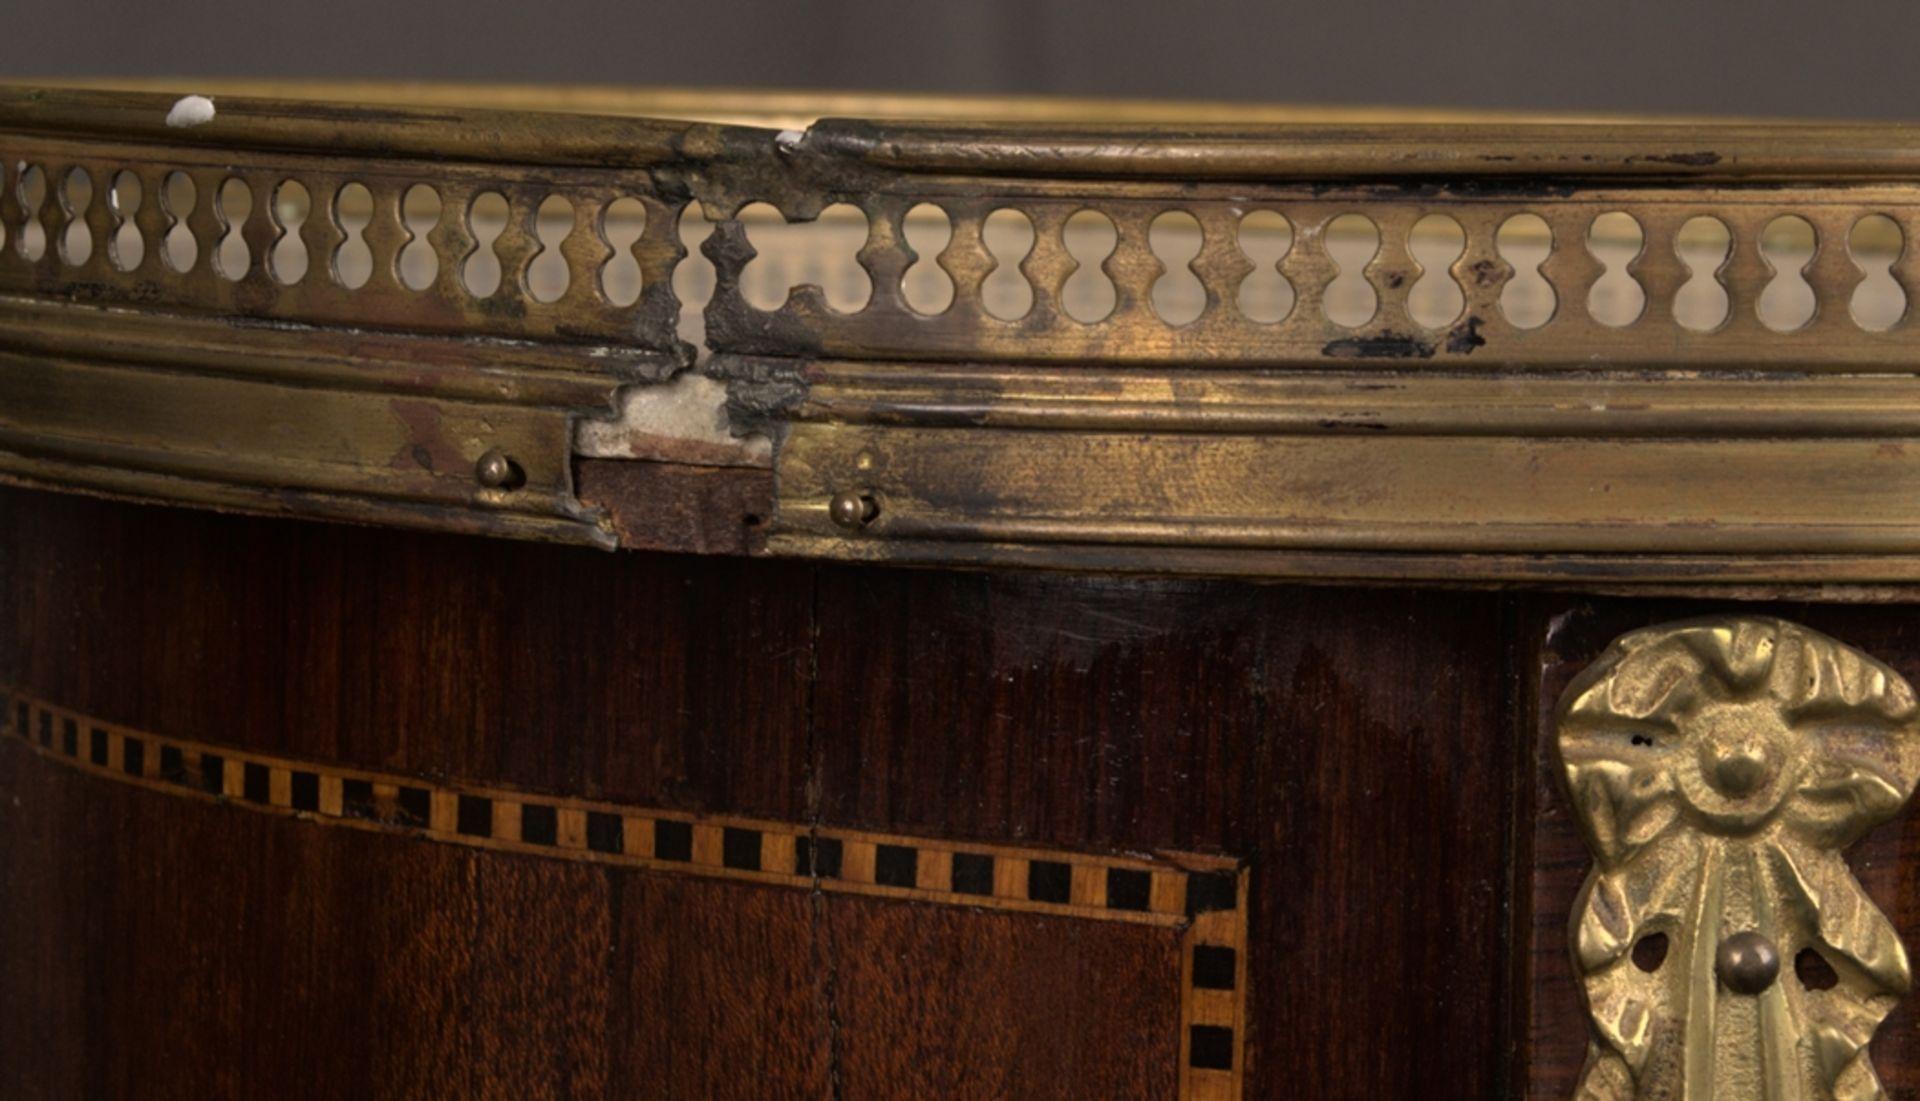 Paar eleganter, dreibeiniger Beistelltische sog. Gueridons, Frankreich 19./20. Jhd. Eintüriger - Bild 18 aus 19